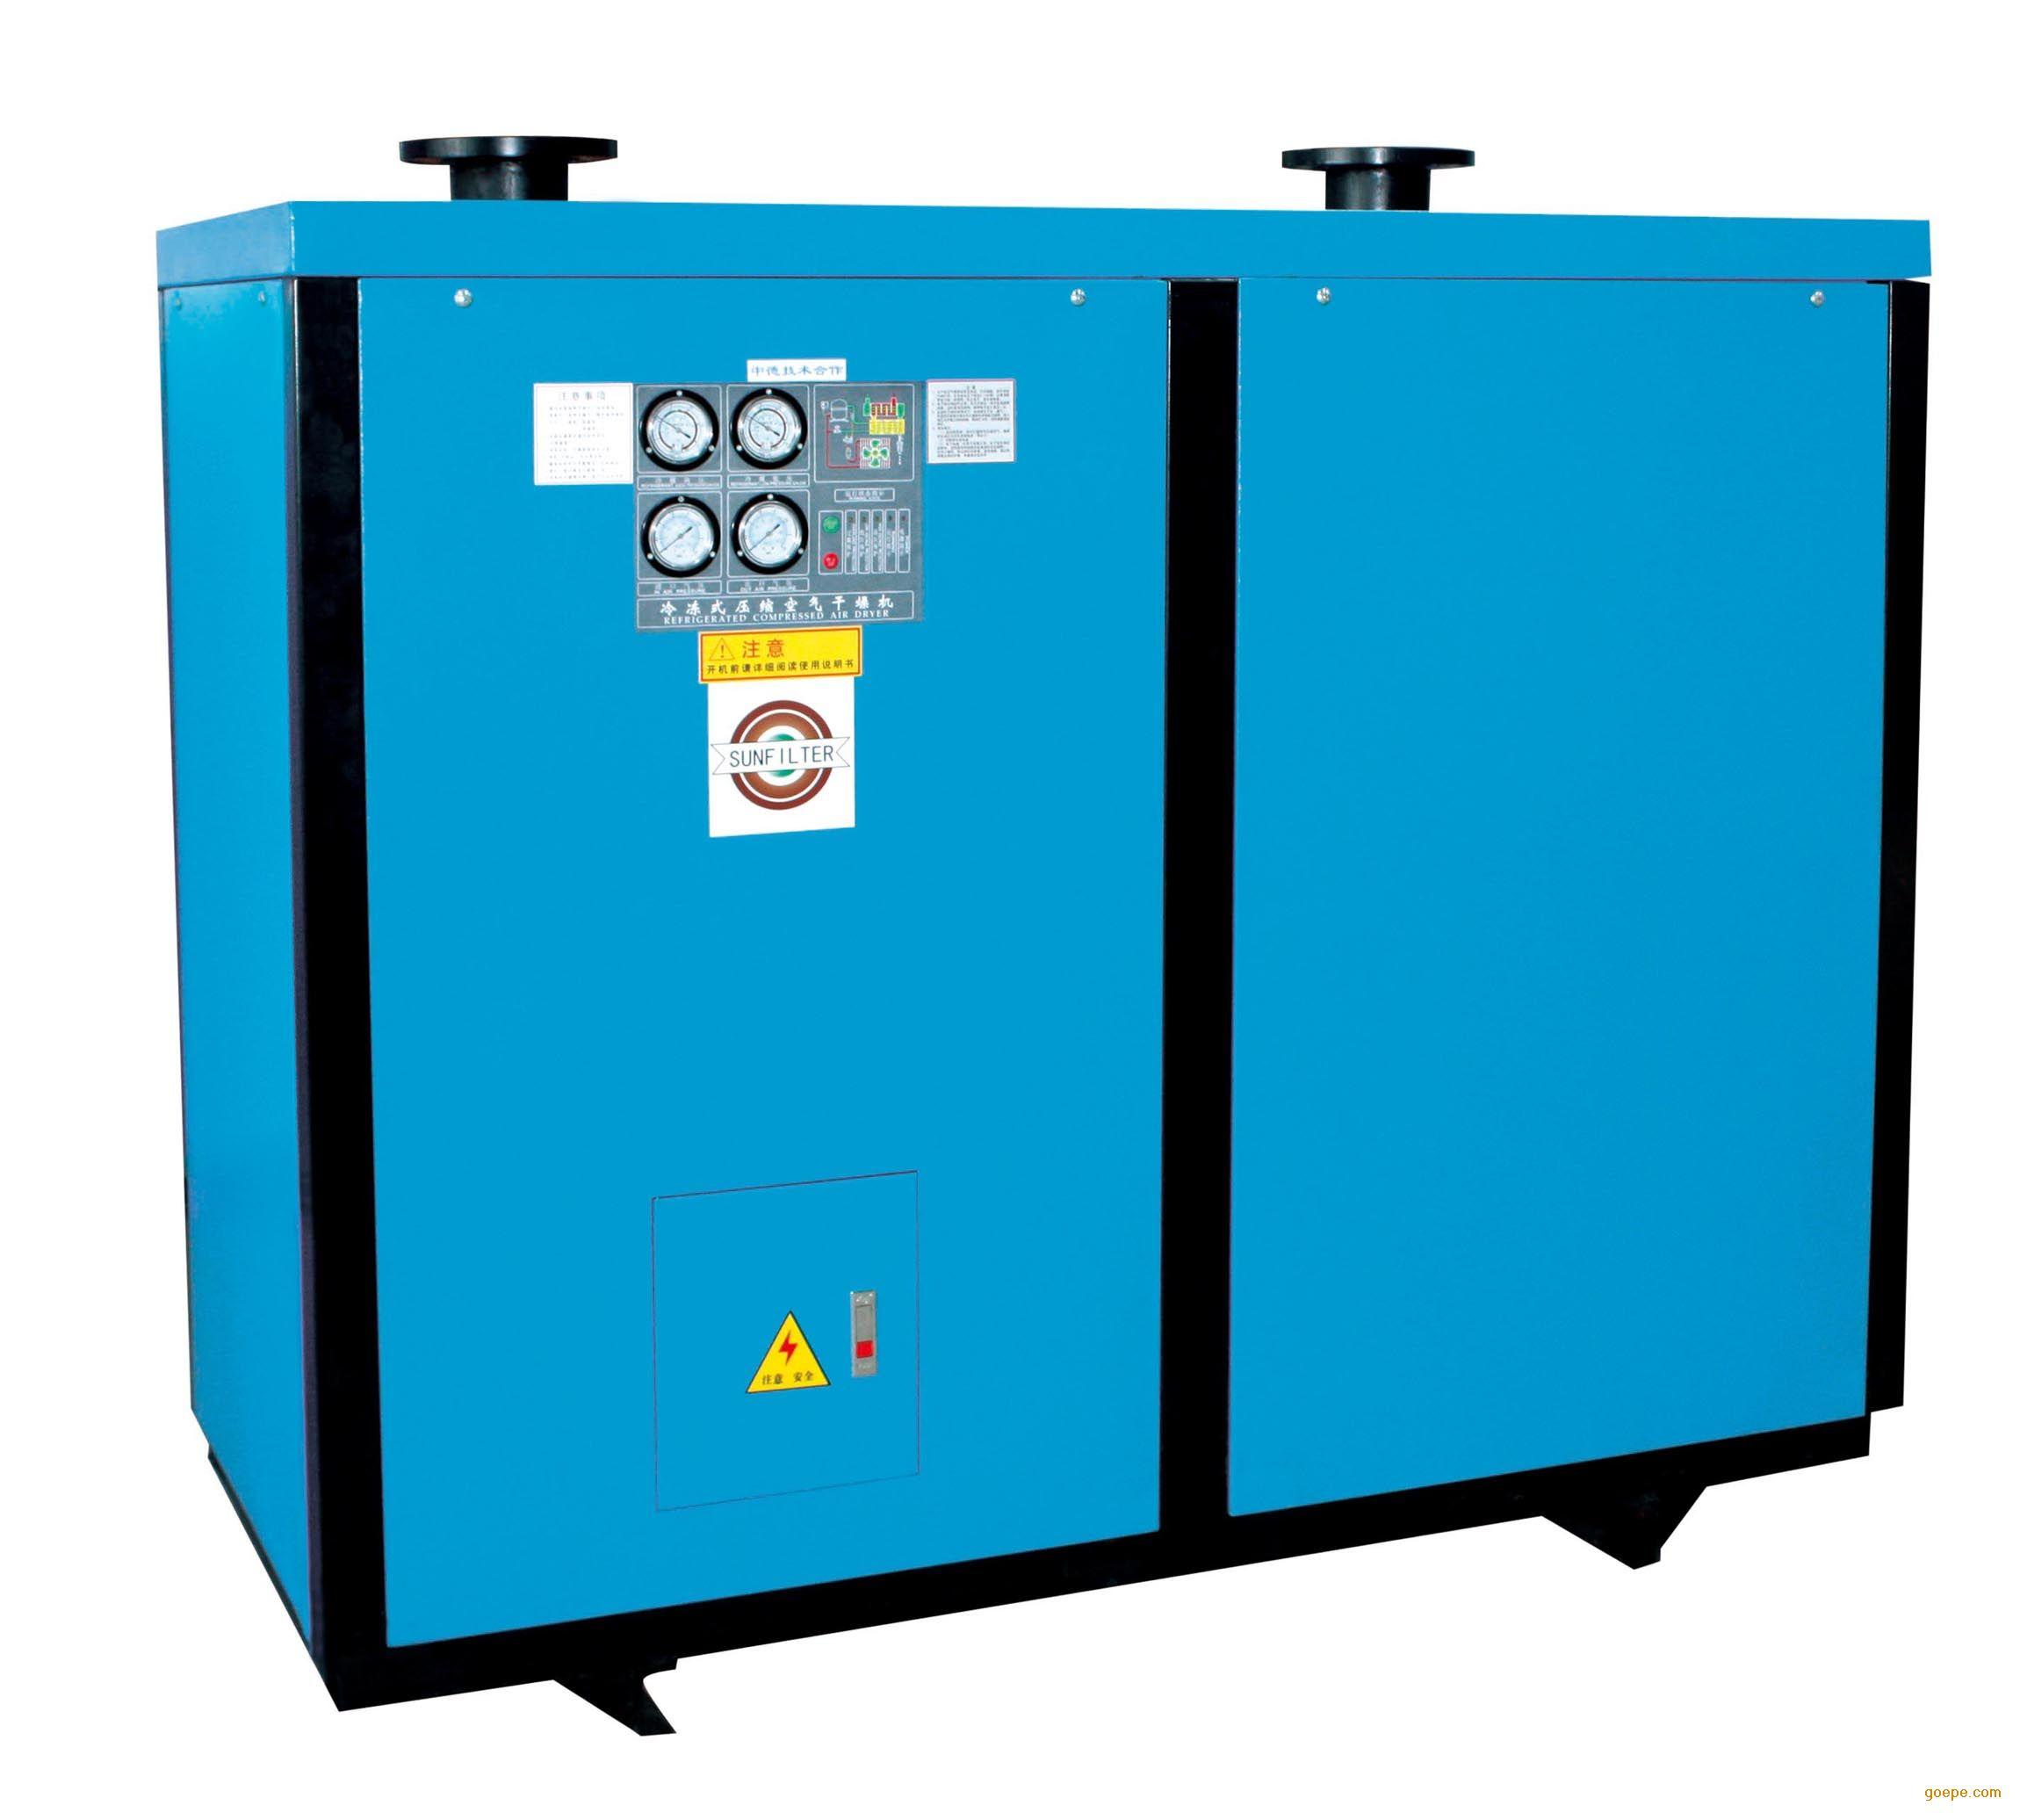 深圳龙岗哪里有干燥机销售 冷冻式干燥机价格多少一台